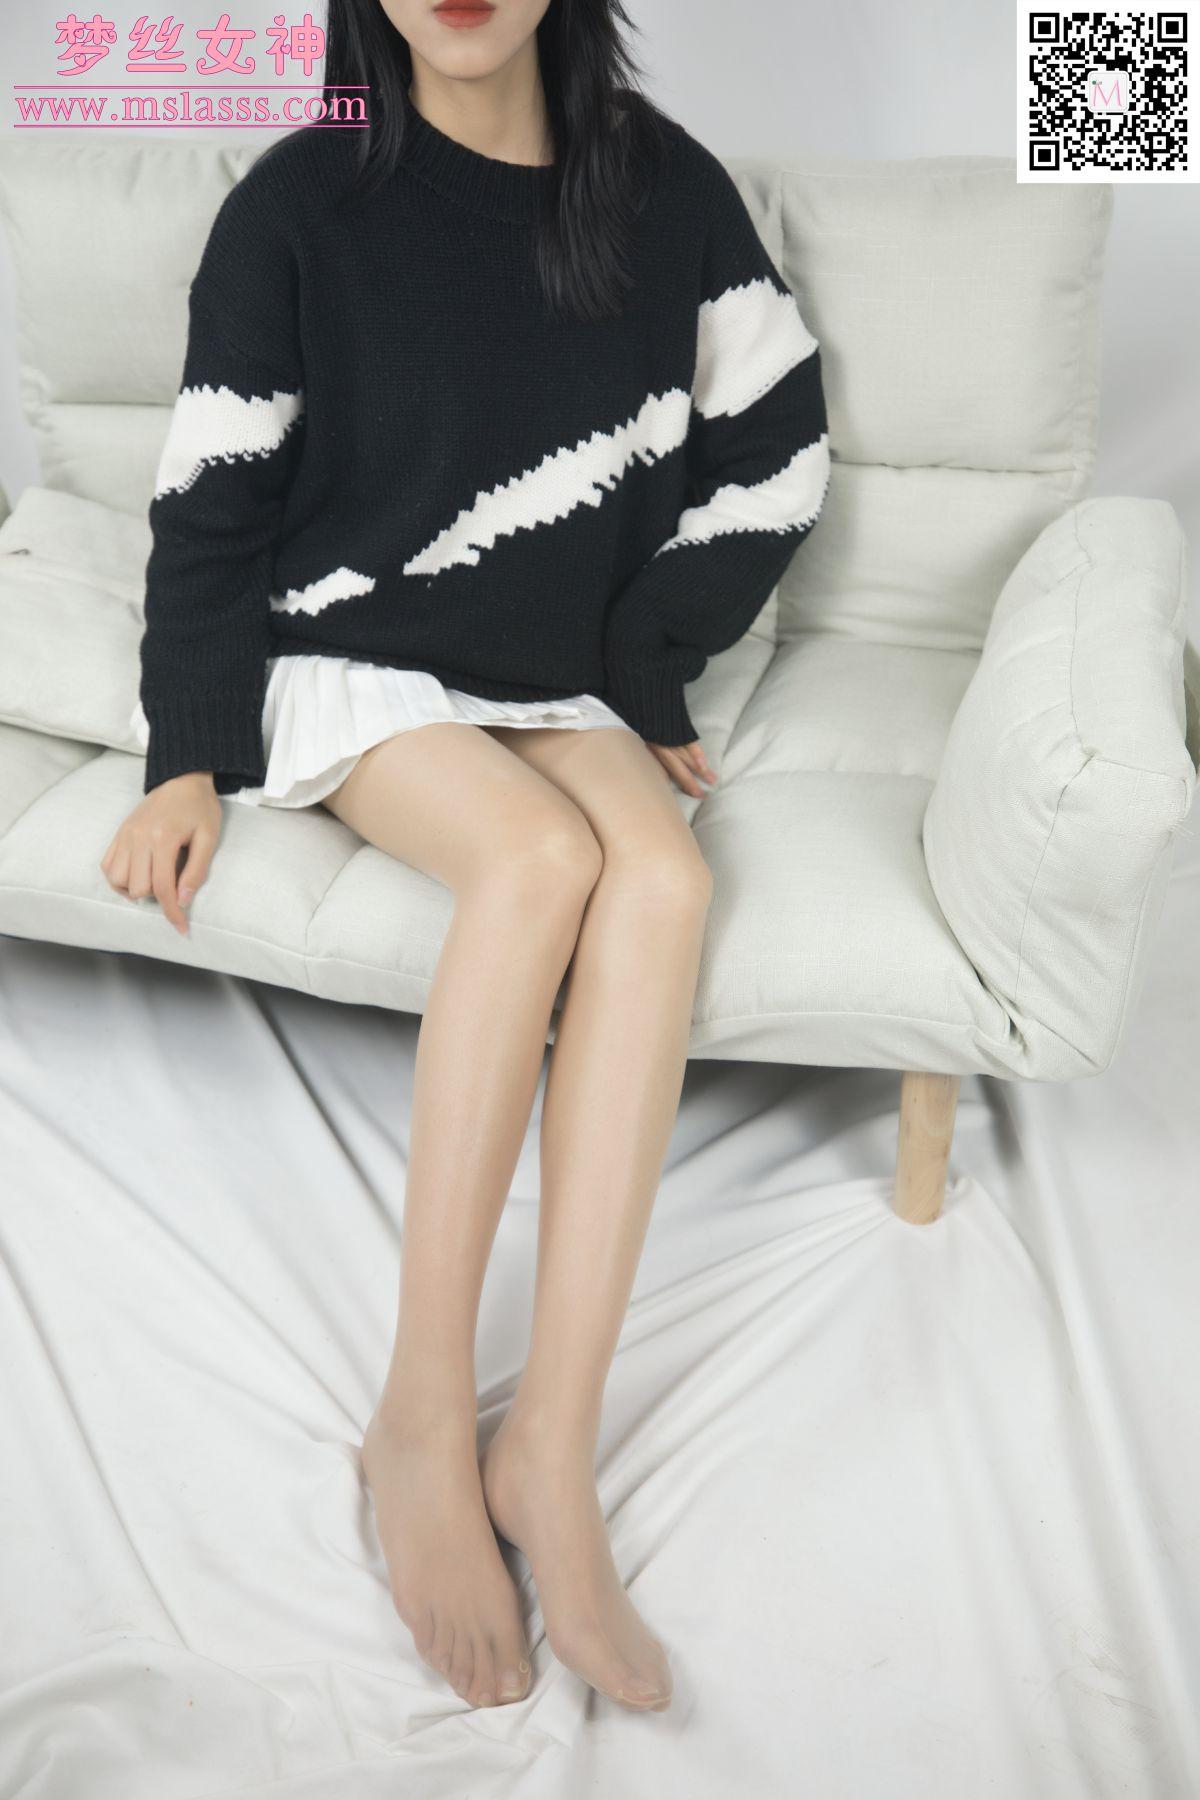 [MSLASS]梦丝女神 – 小穆 毛衣挡不住长腿